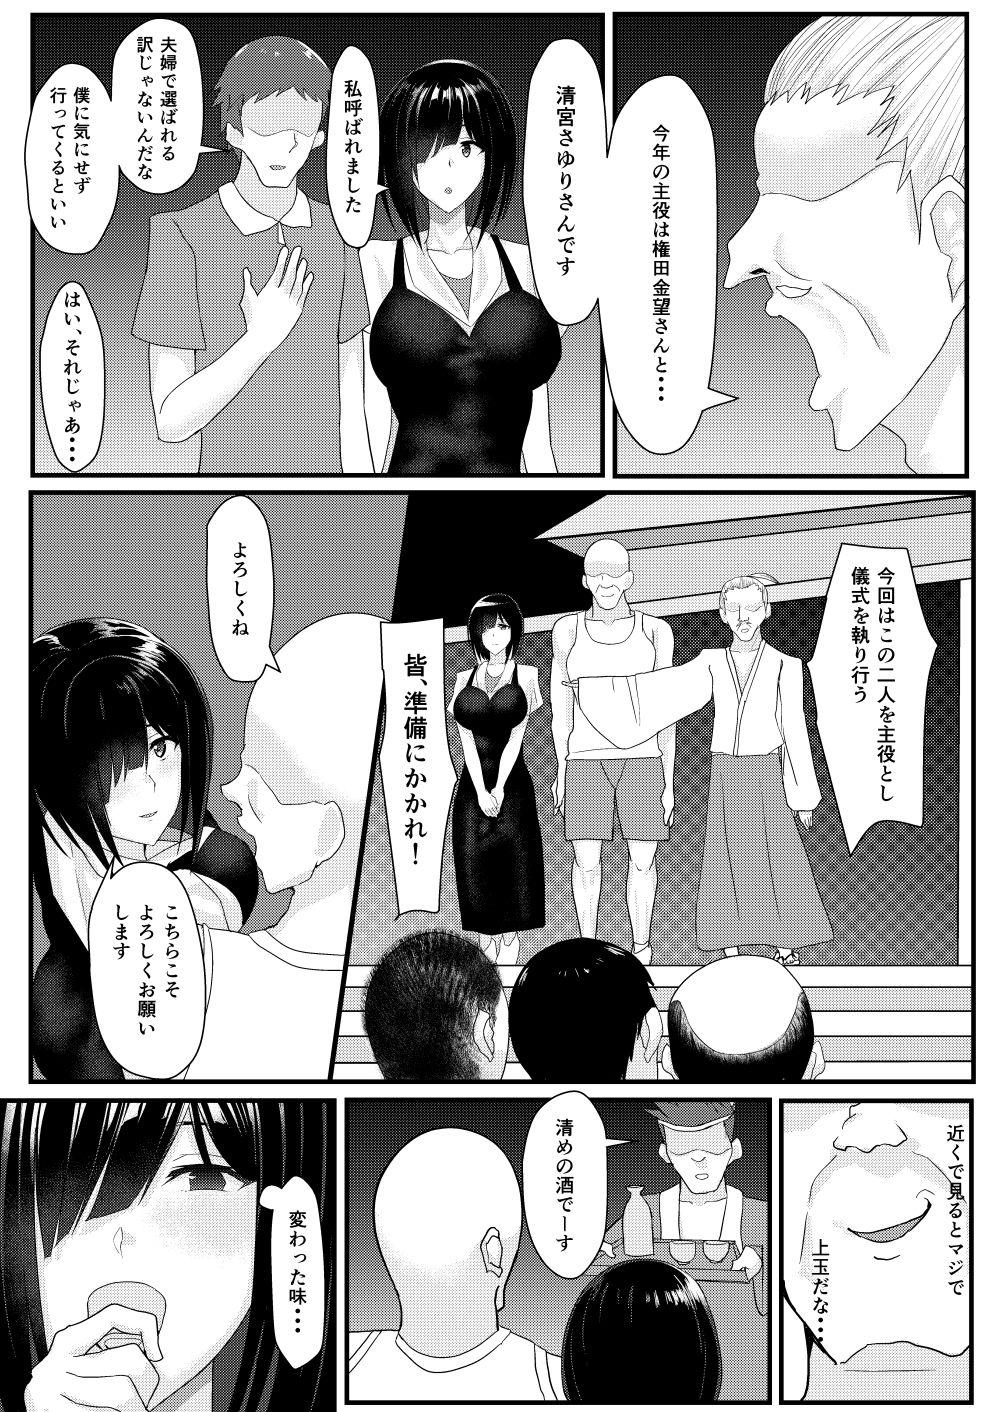 【エロ漫画無料大全集】【寝取り】神社で行われる子宝祭りは街をあげてのとんでもない寝取りイベントでした